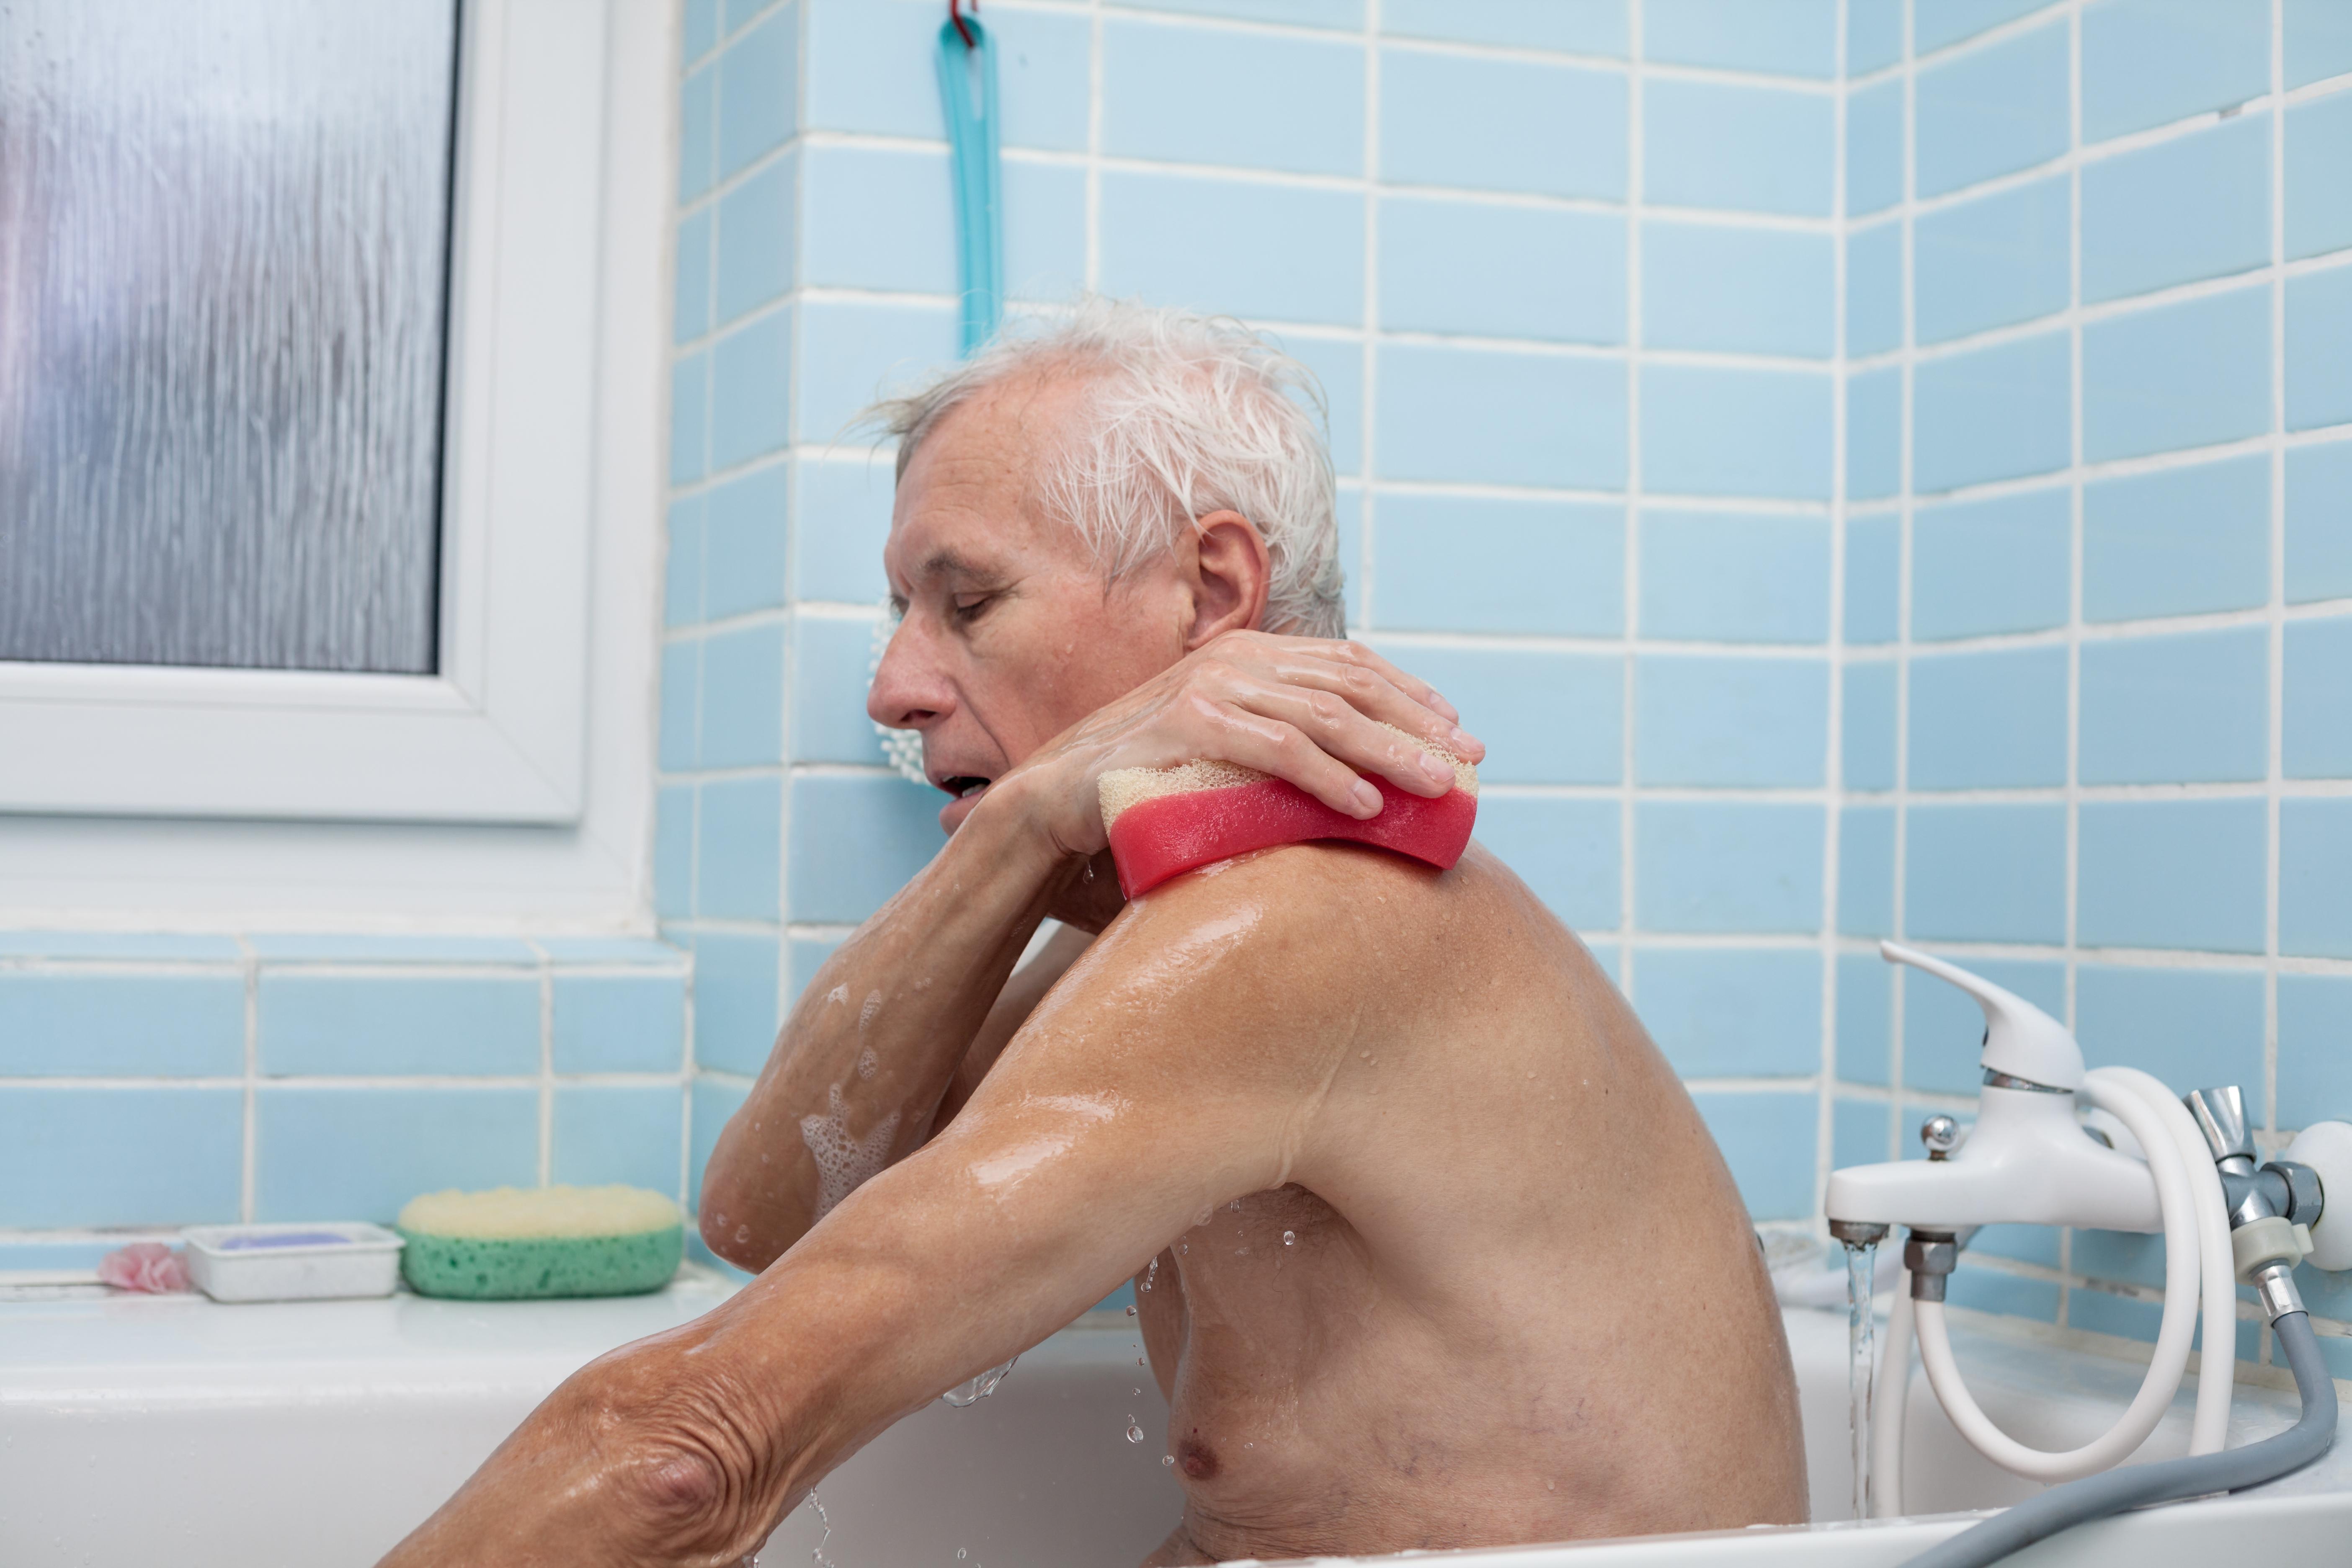 Undvik överdrivet tvättande, skrubbande och exfolierande. Det rubbar hudens skydd mot omgivningens belastning.